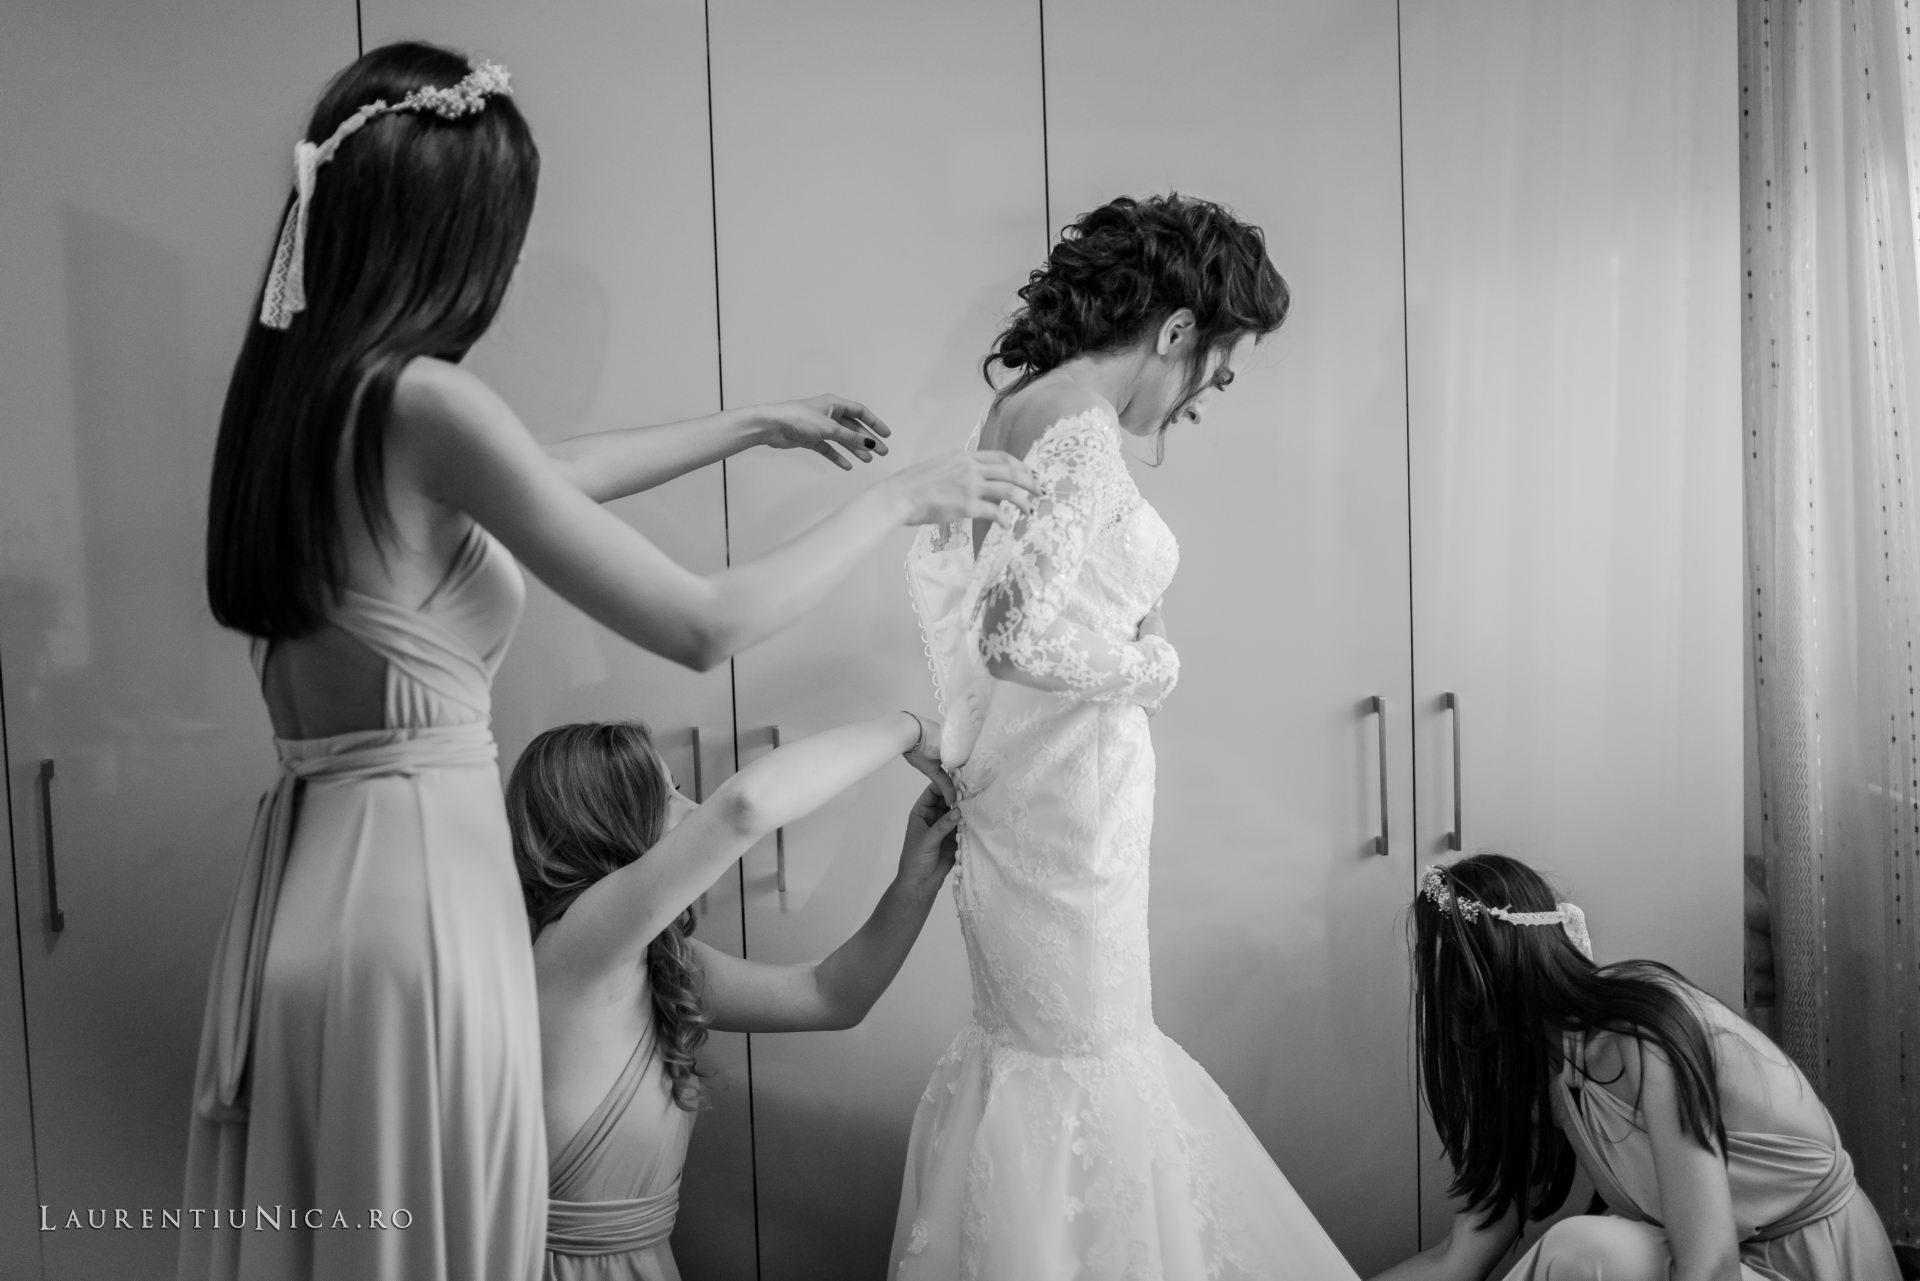 Cristina si Ovidiu nunta Craiova fotograf laurentiu nica 068 - Cristina & Ovidiu | Fotografii nunta | Craiova